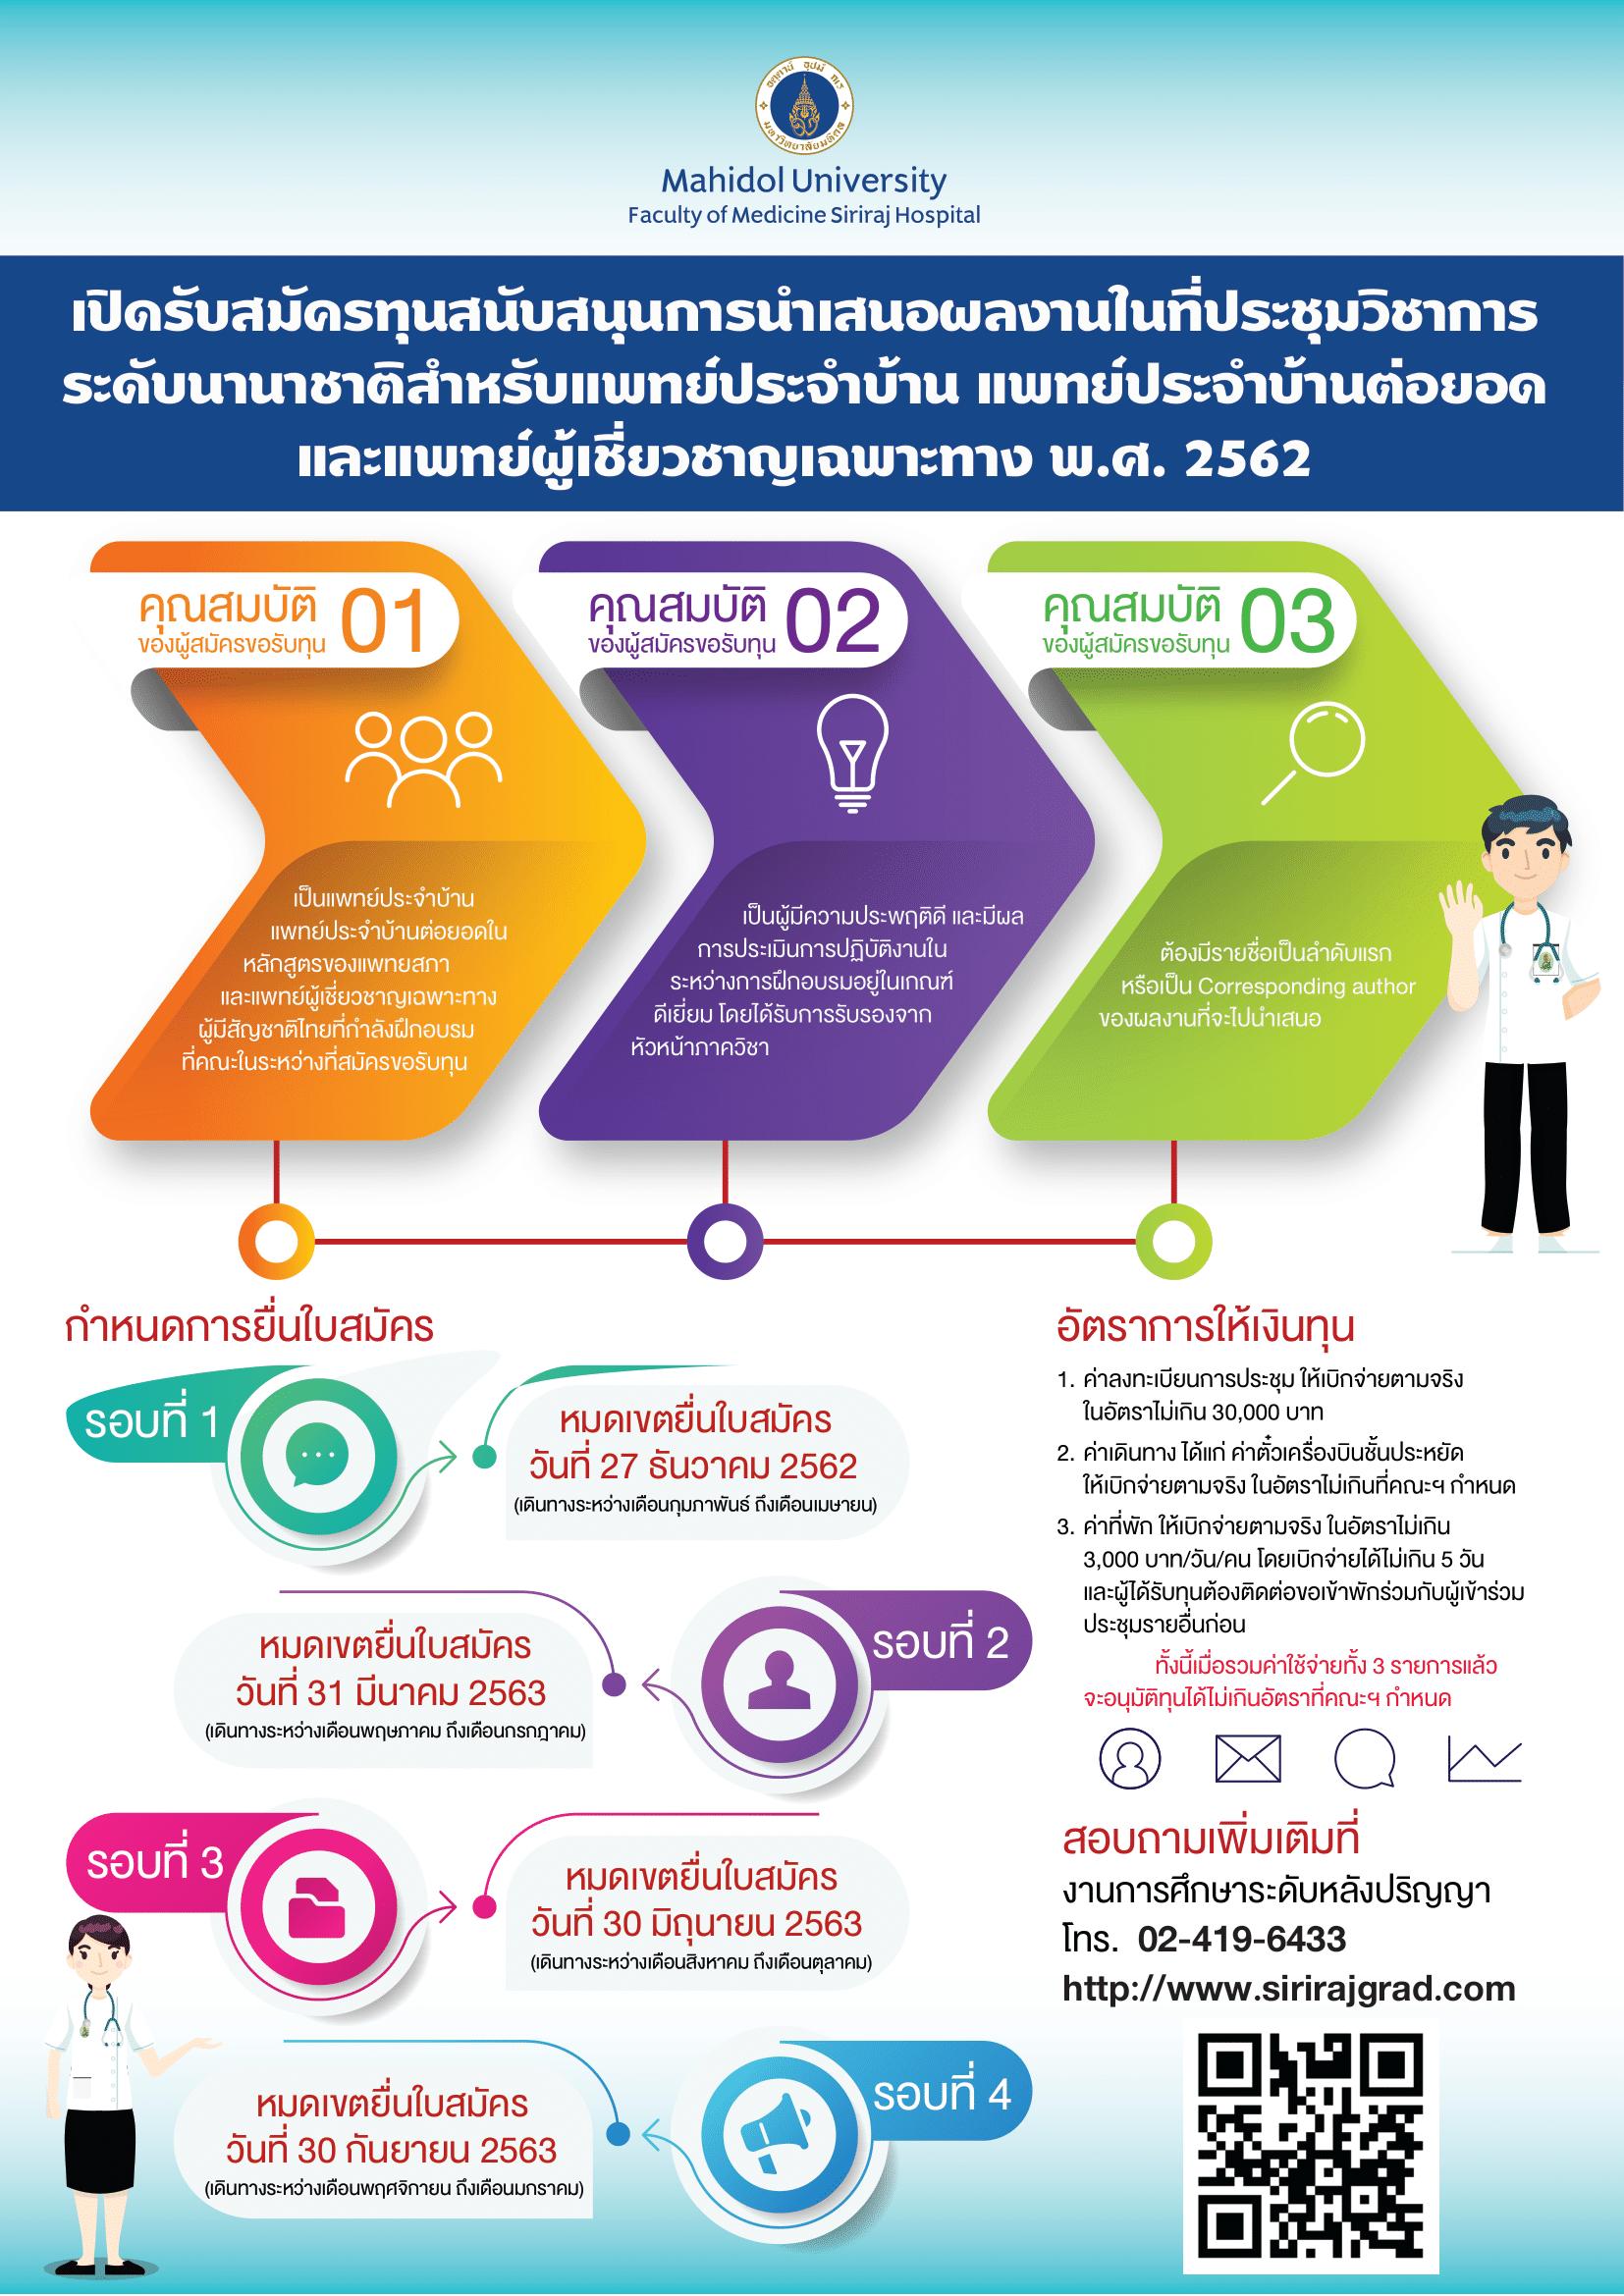 เปิดรับสมัครทุนสนับสนุนการนำเสนอผลงานในที่ประชุมวิชาการระดับนานาชาติ สำหรับแพทย์ประจำบ้าน แพทย์ประจำบ้านต่อยอด และแพทย์ผู้เชี่ยวชาญเฉพาะทาง พ.ศ. 2562